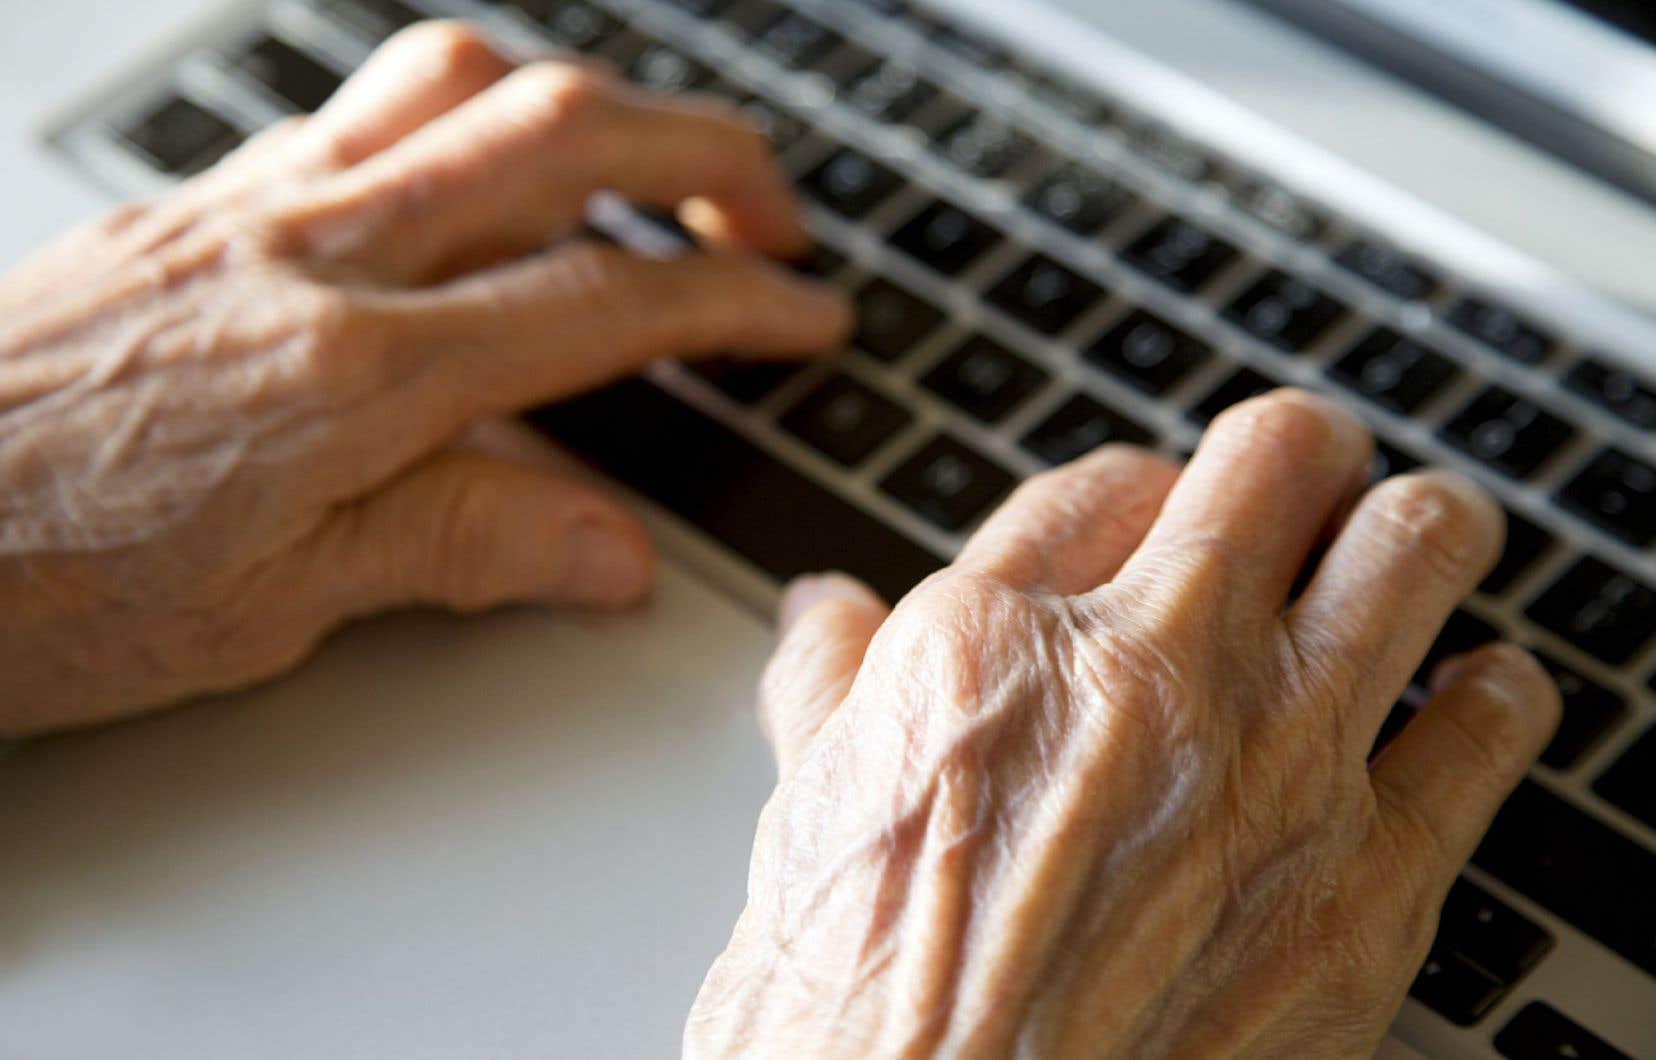 Dans le Pavillon d'éducation communautaire d'Hochelaga-Maisonneuve, on offre entre autres des cours d'informatique aux personnes âgées, et des ordinateurs sont aussi mis à la disposition des membres, que ce soit pour y faire des devoirs ou de la recherche d'emploi.